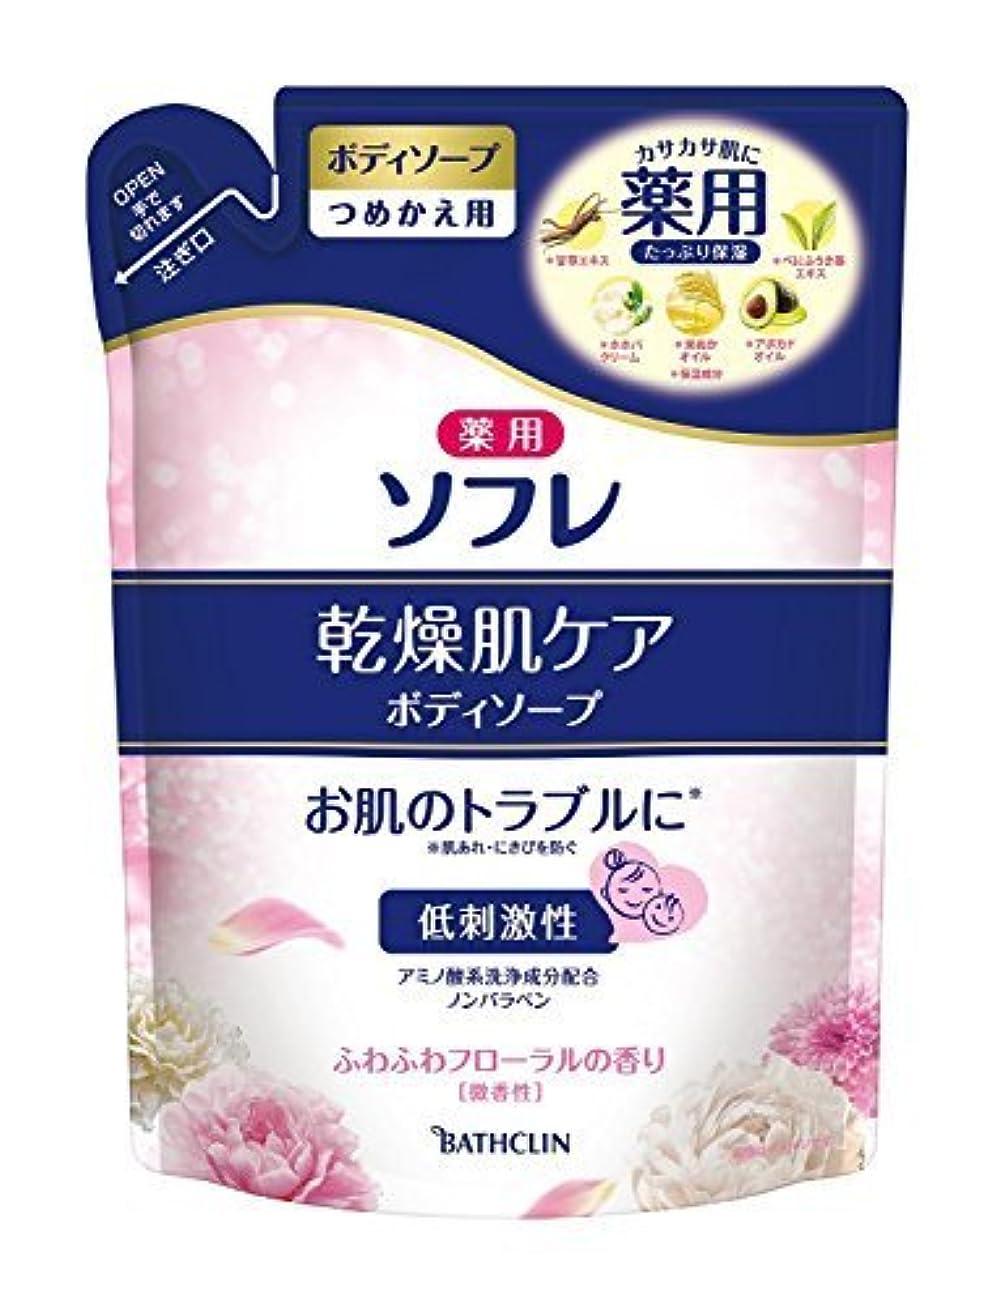 発揮するいわゆる吐き出す薬用ソフレ 乾燥肌ケアボディ詰替 × 3個セット